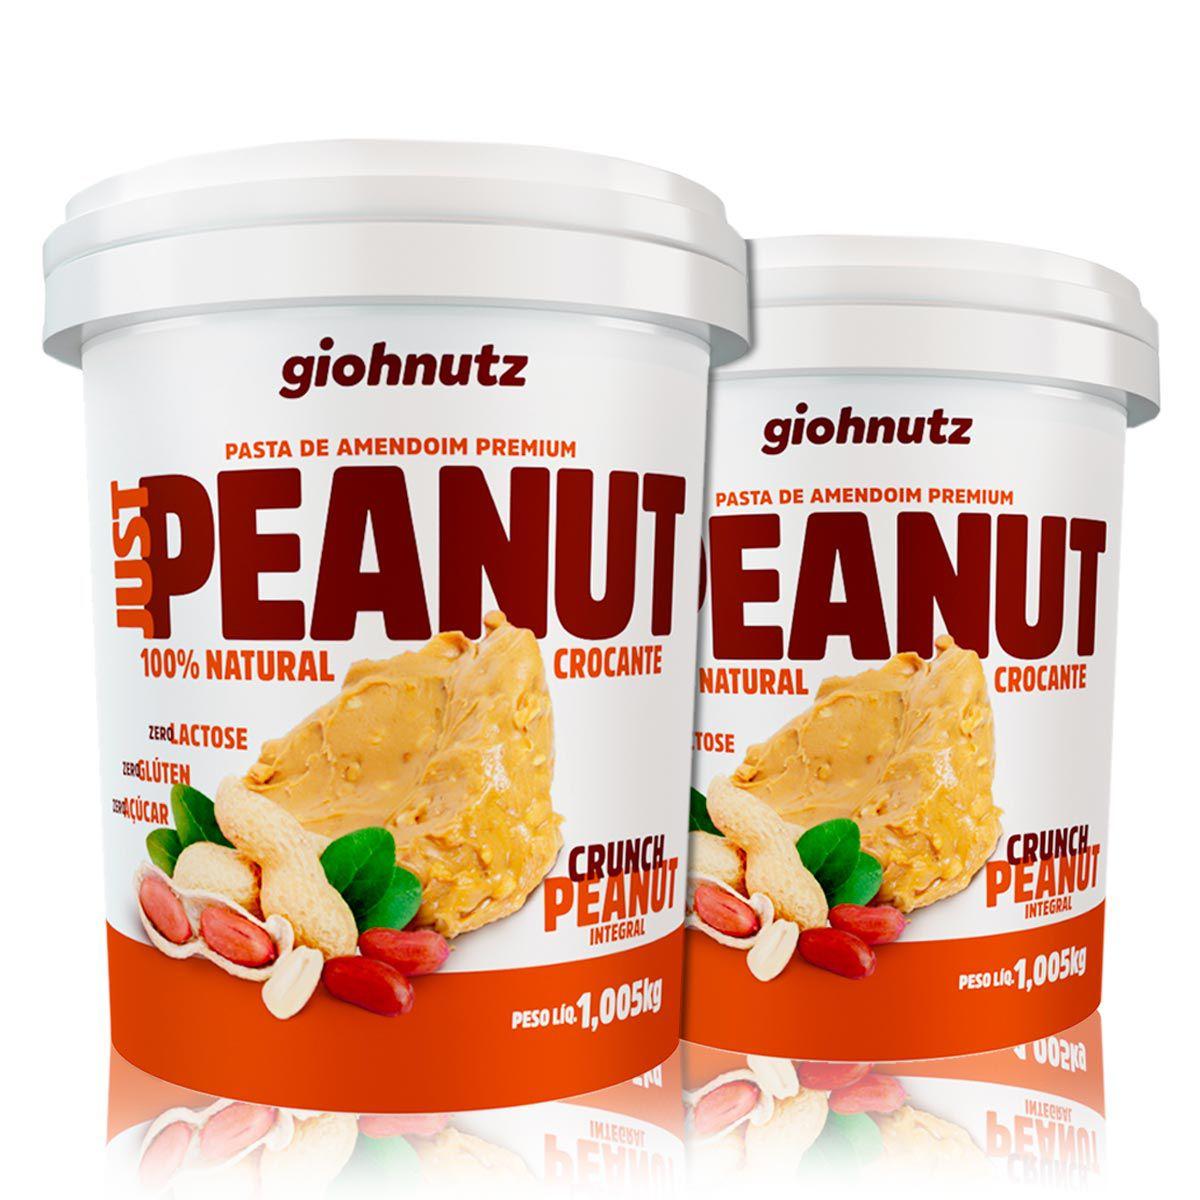 Combo 2x Pastas de Amendoim JustPeanut Crocante 1,005kh - Giohnutz